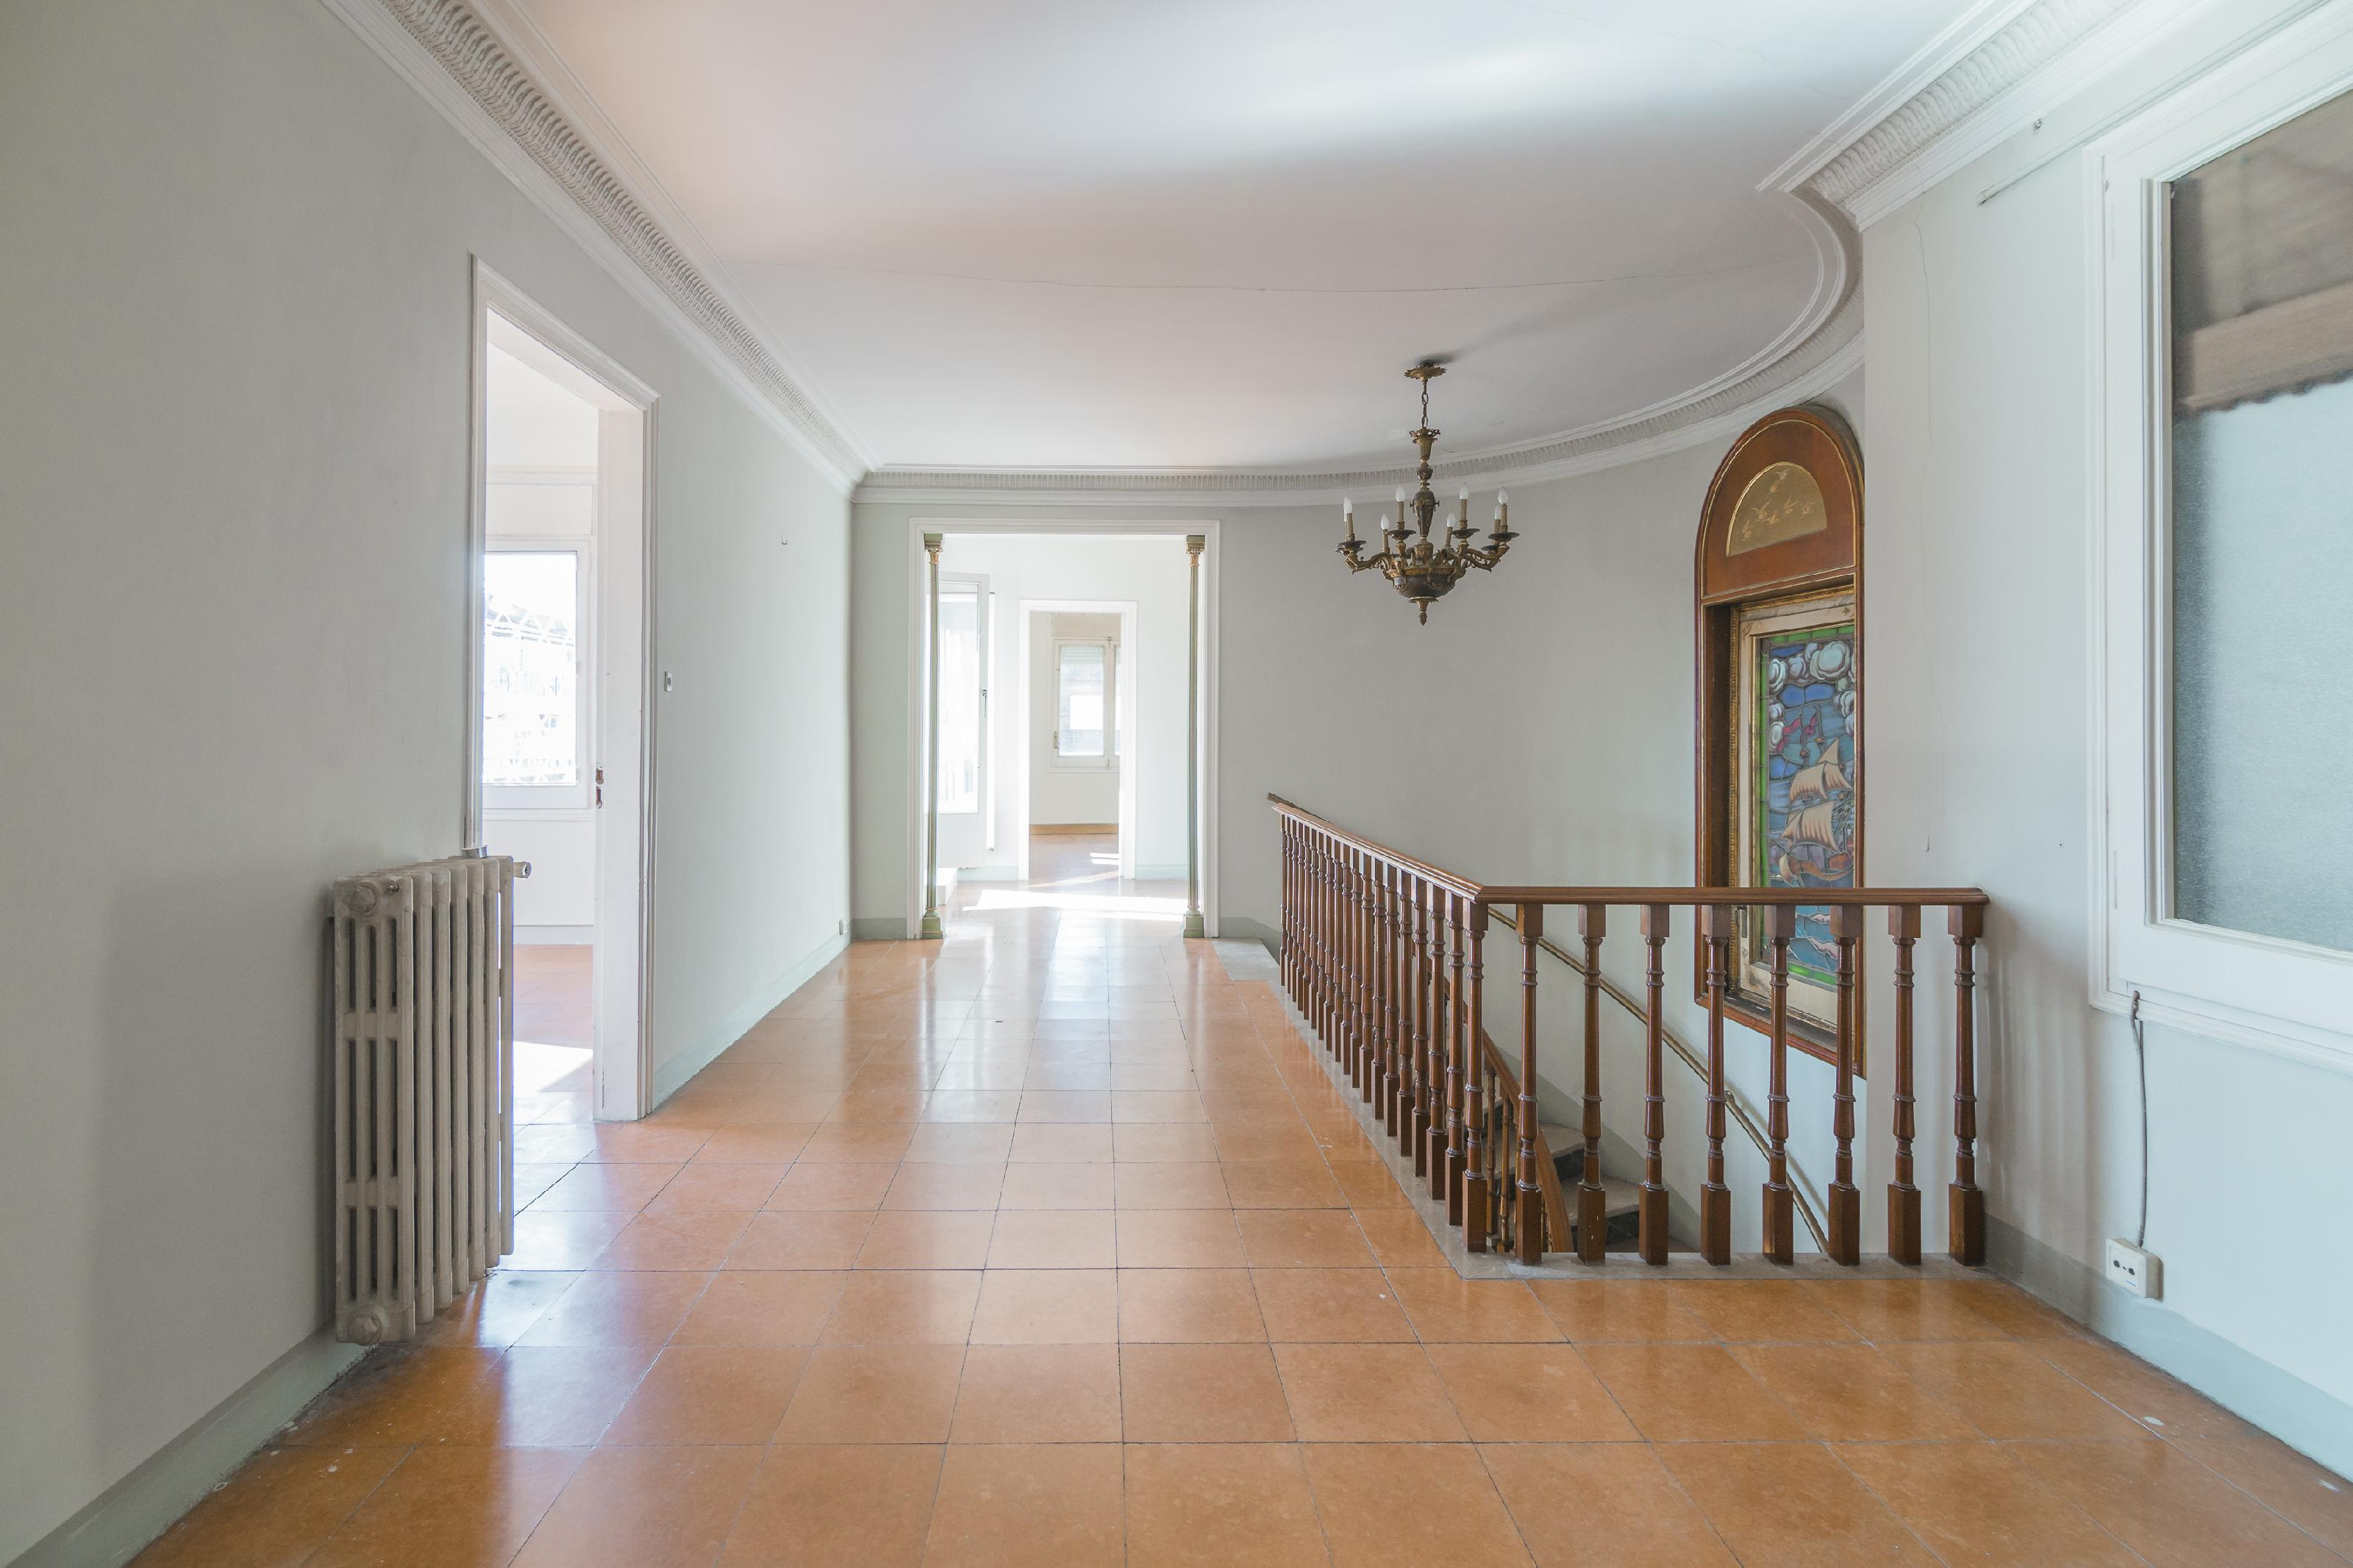 246643 Ático en venda en Sarrià-Sant Gervasi, St. Gervasi-Bonanova 7